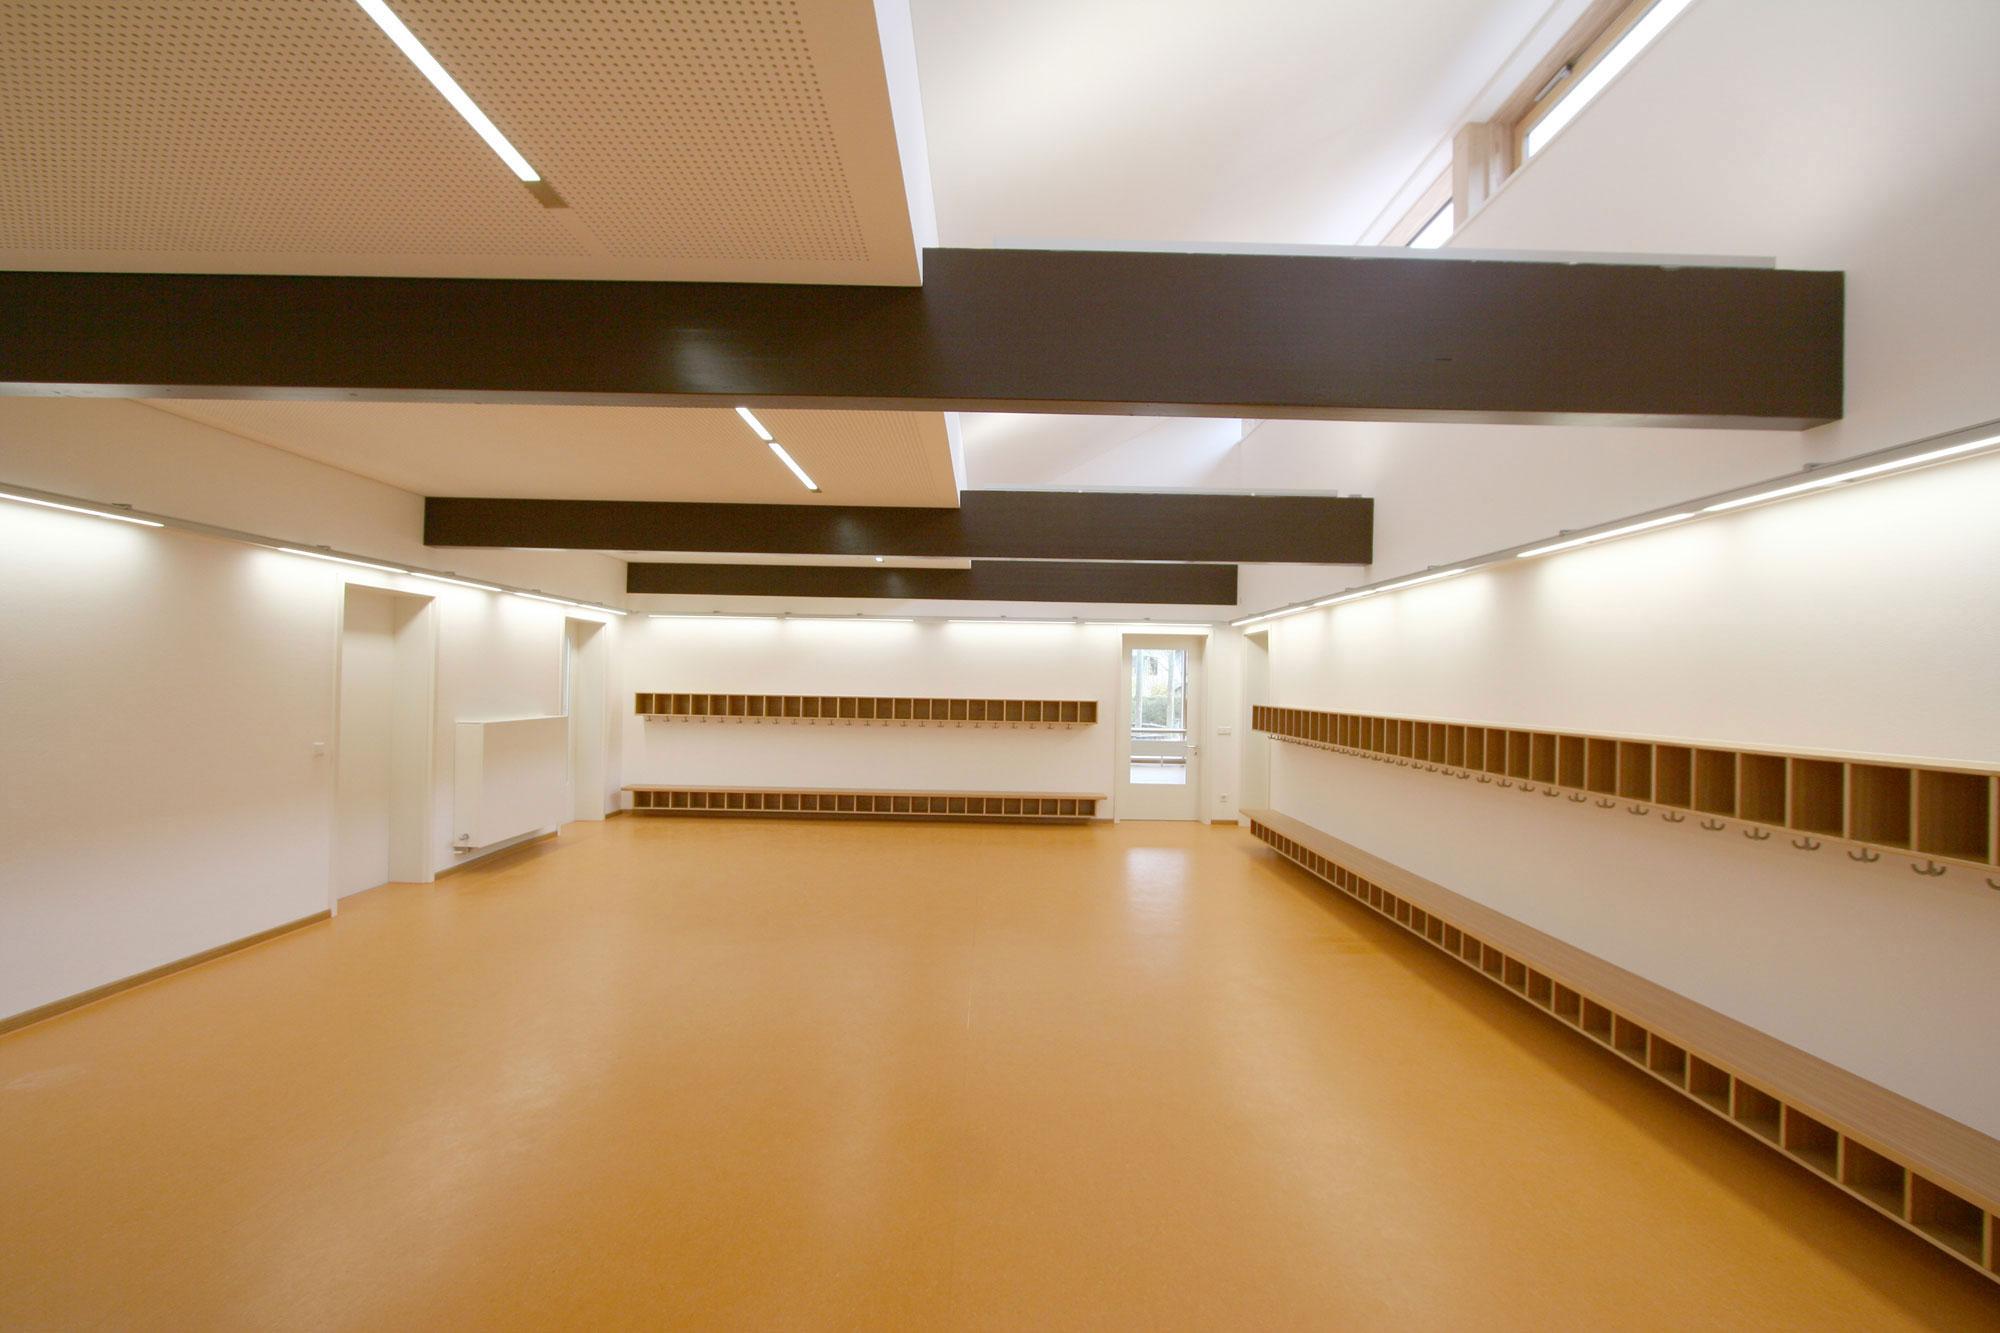 Innenarchitektur-Sanierung-Kindergarten-4